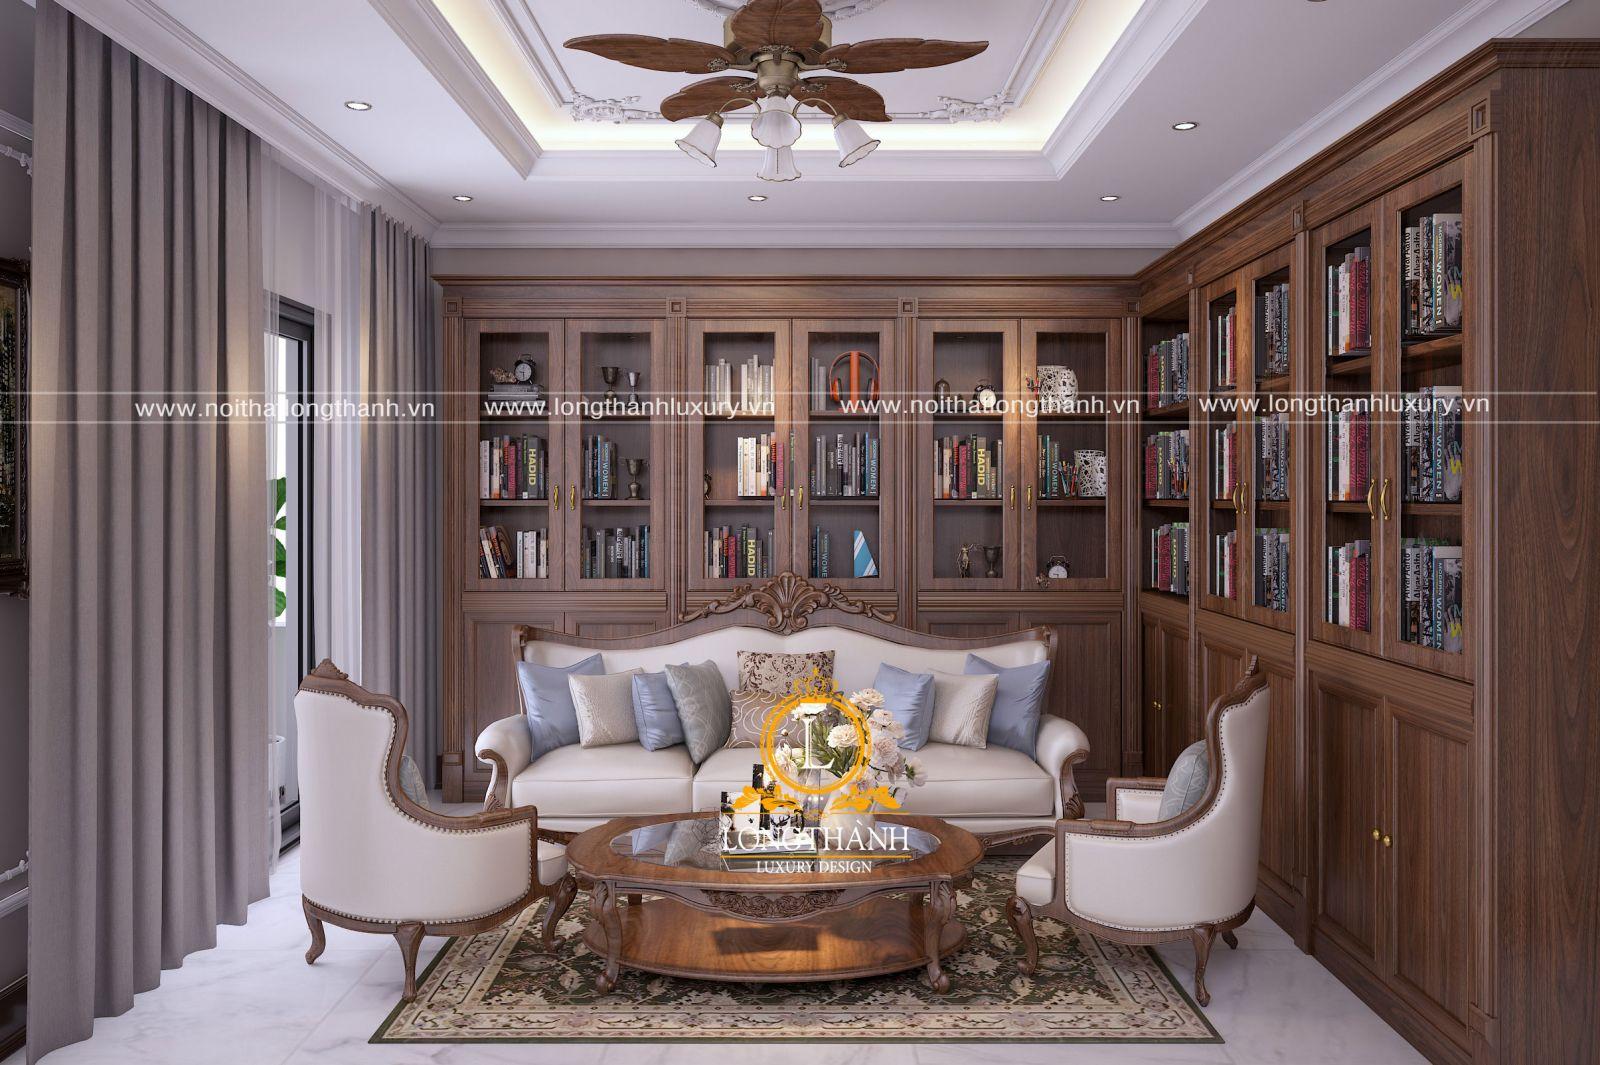 Sofa văng tân cổ điển gỗ tự nhiên đẹp cuốn hút